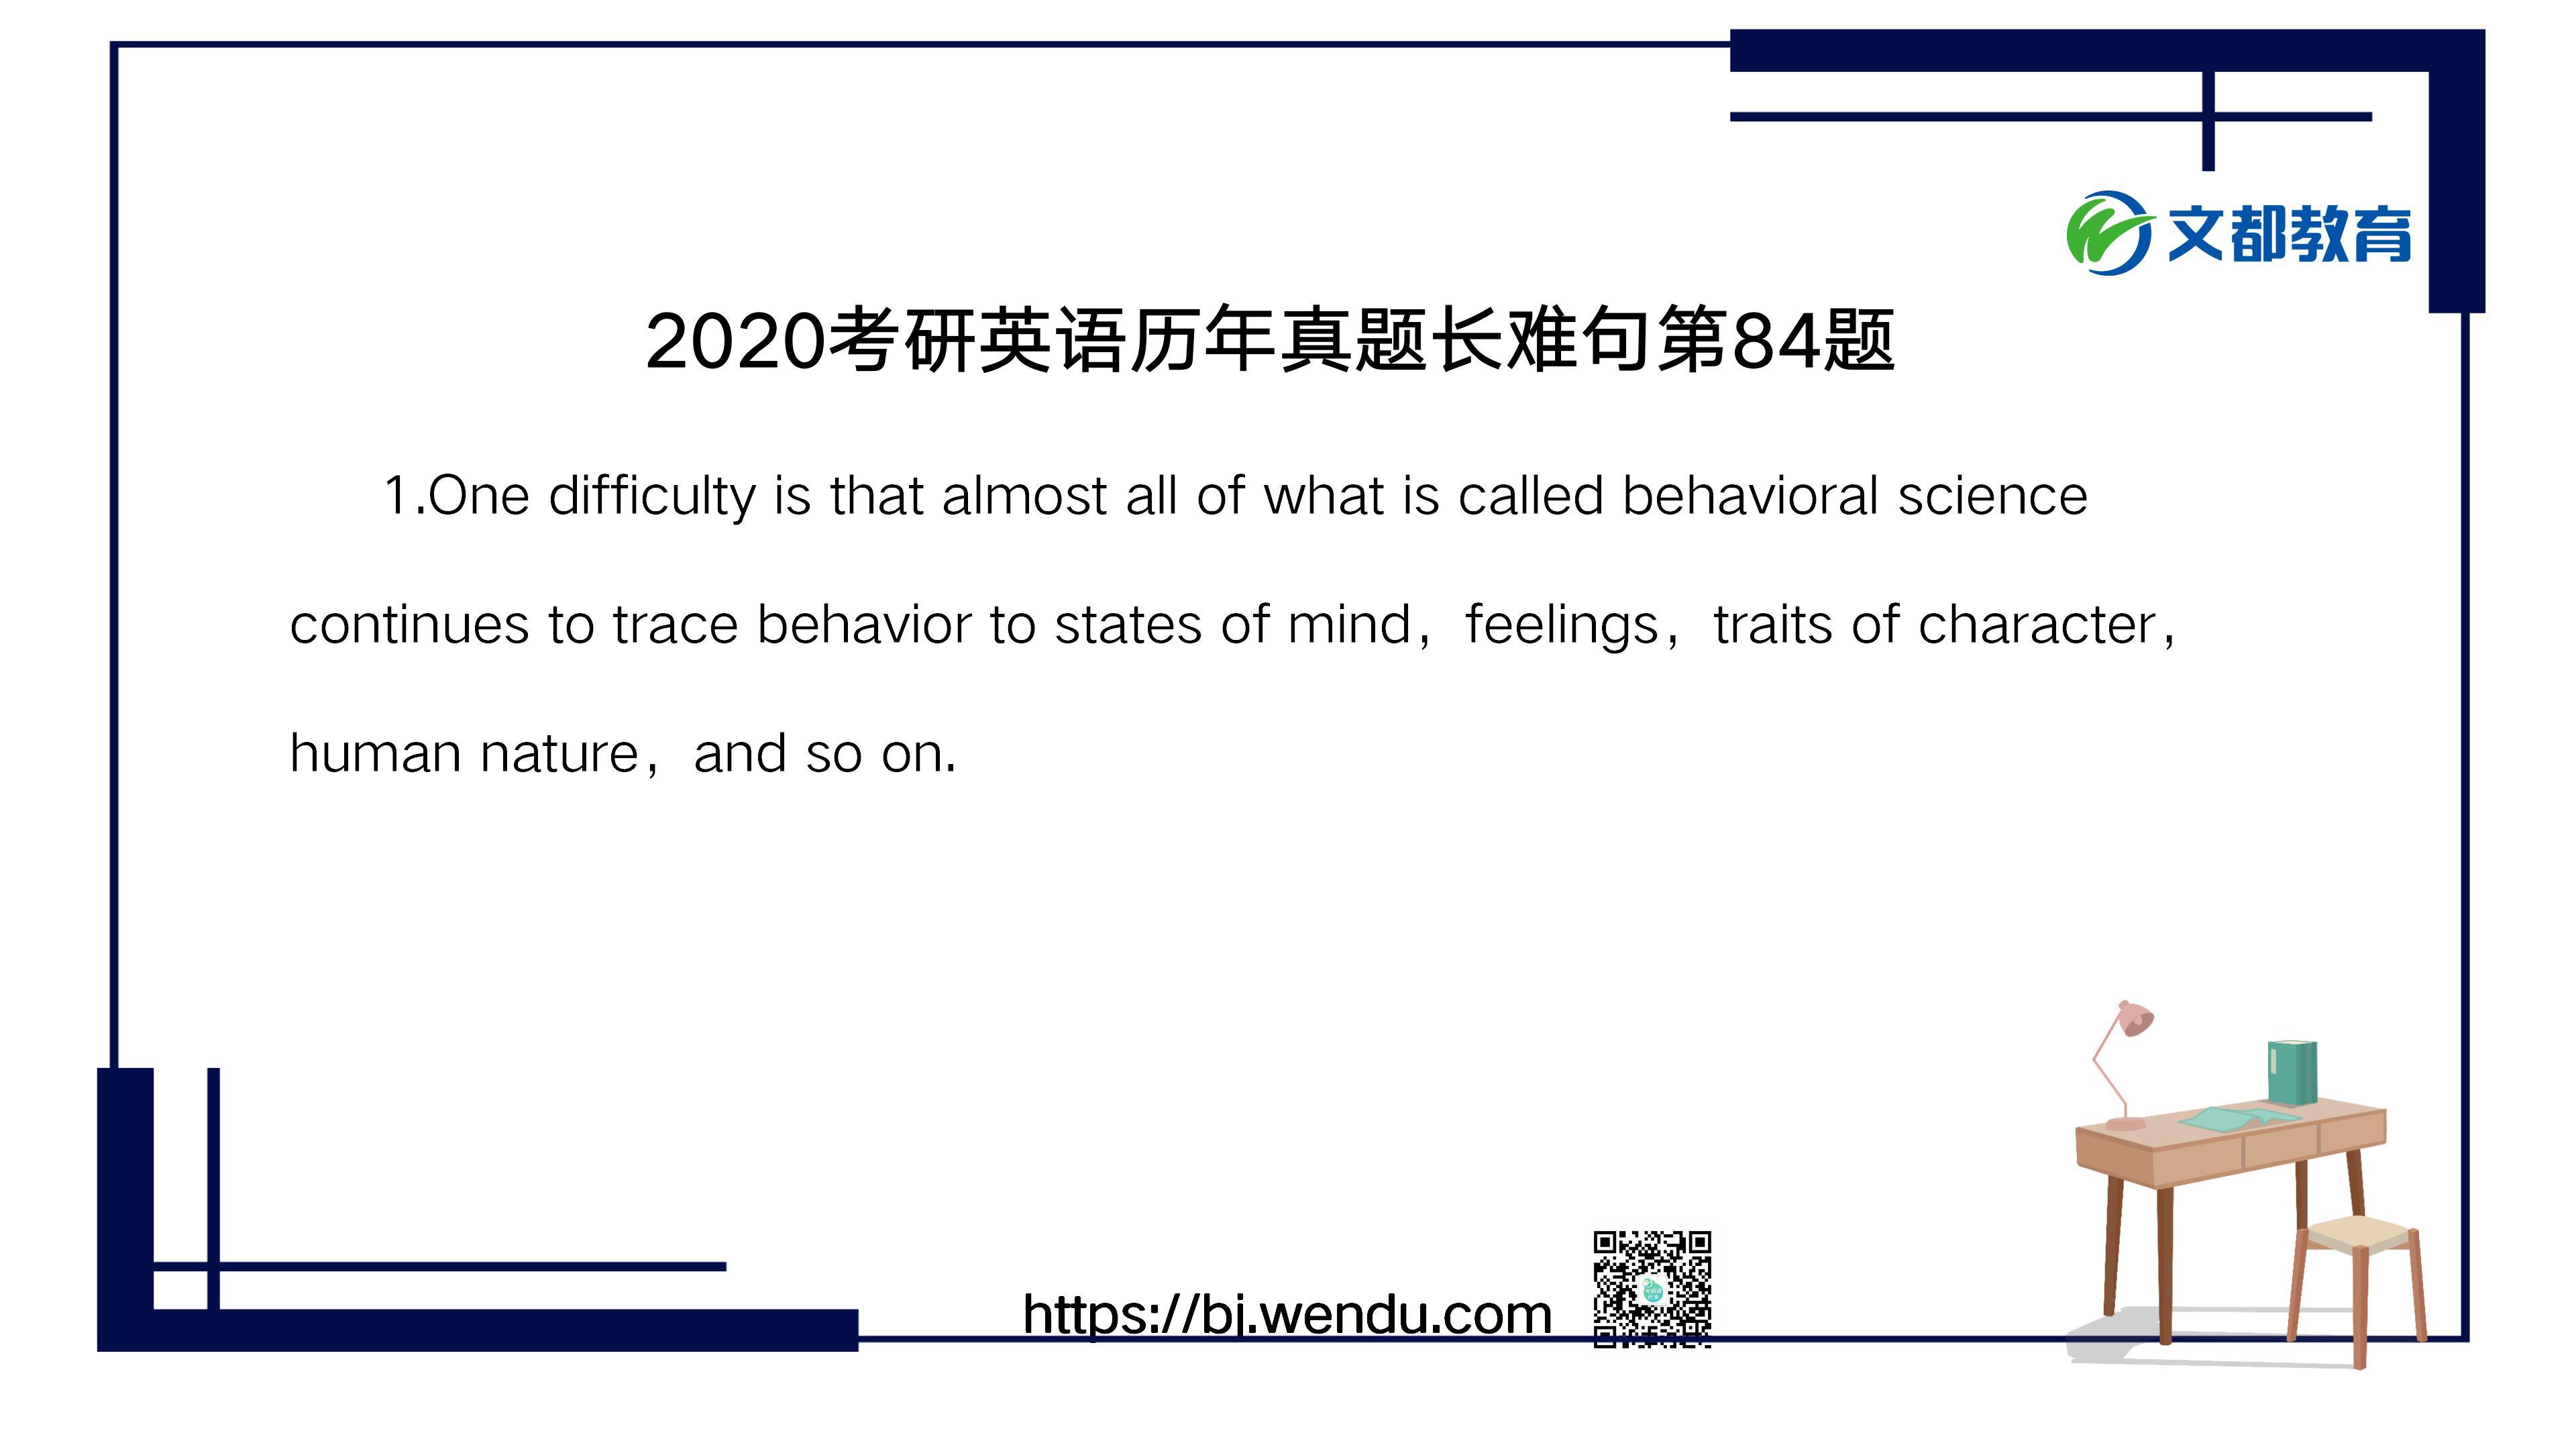 2020考研英语历年真题长难句第84题